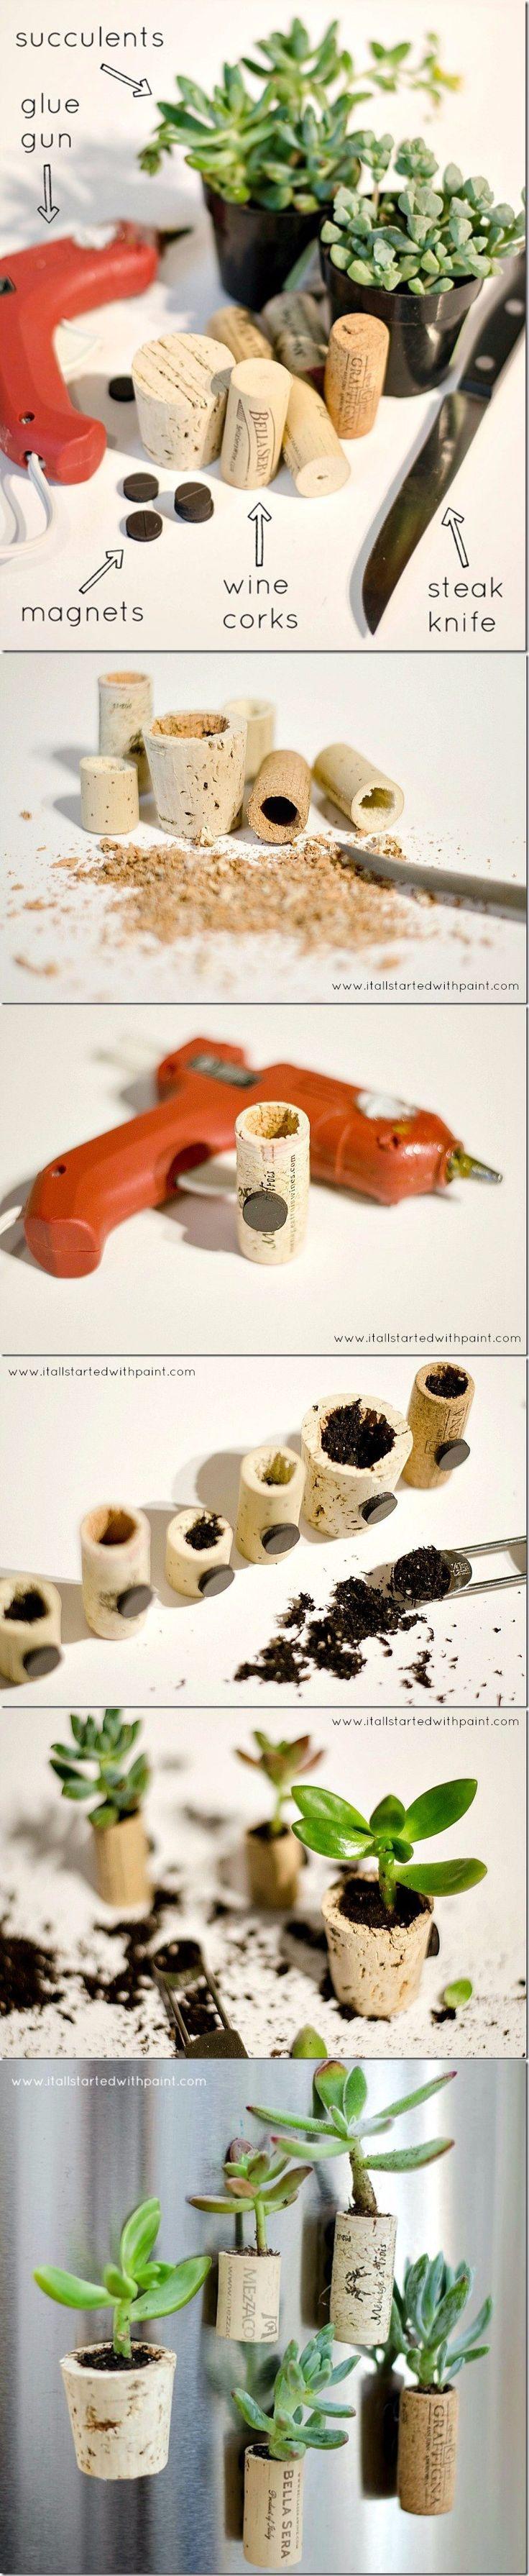 Pequeñas macetas con imán reciclando tapones de corcho - itallstartedwithpaint.com